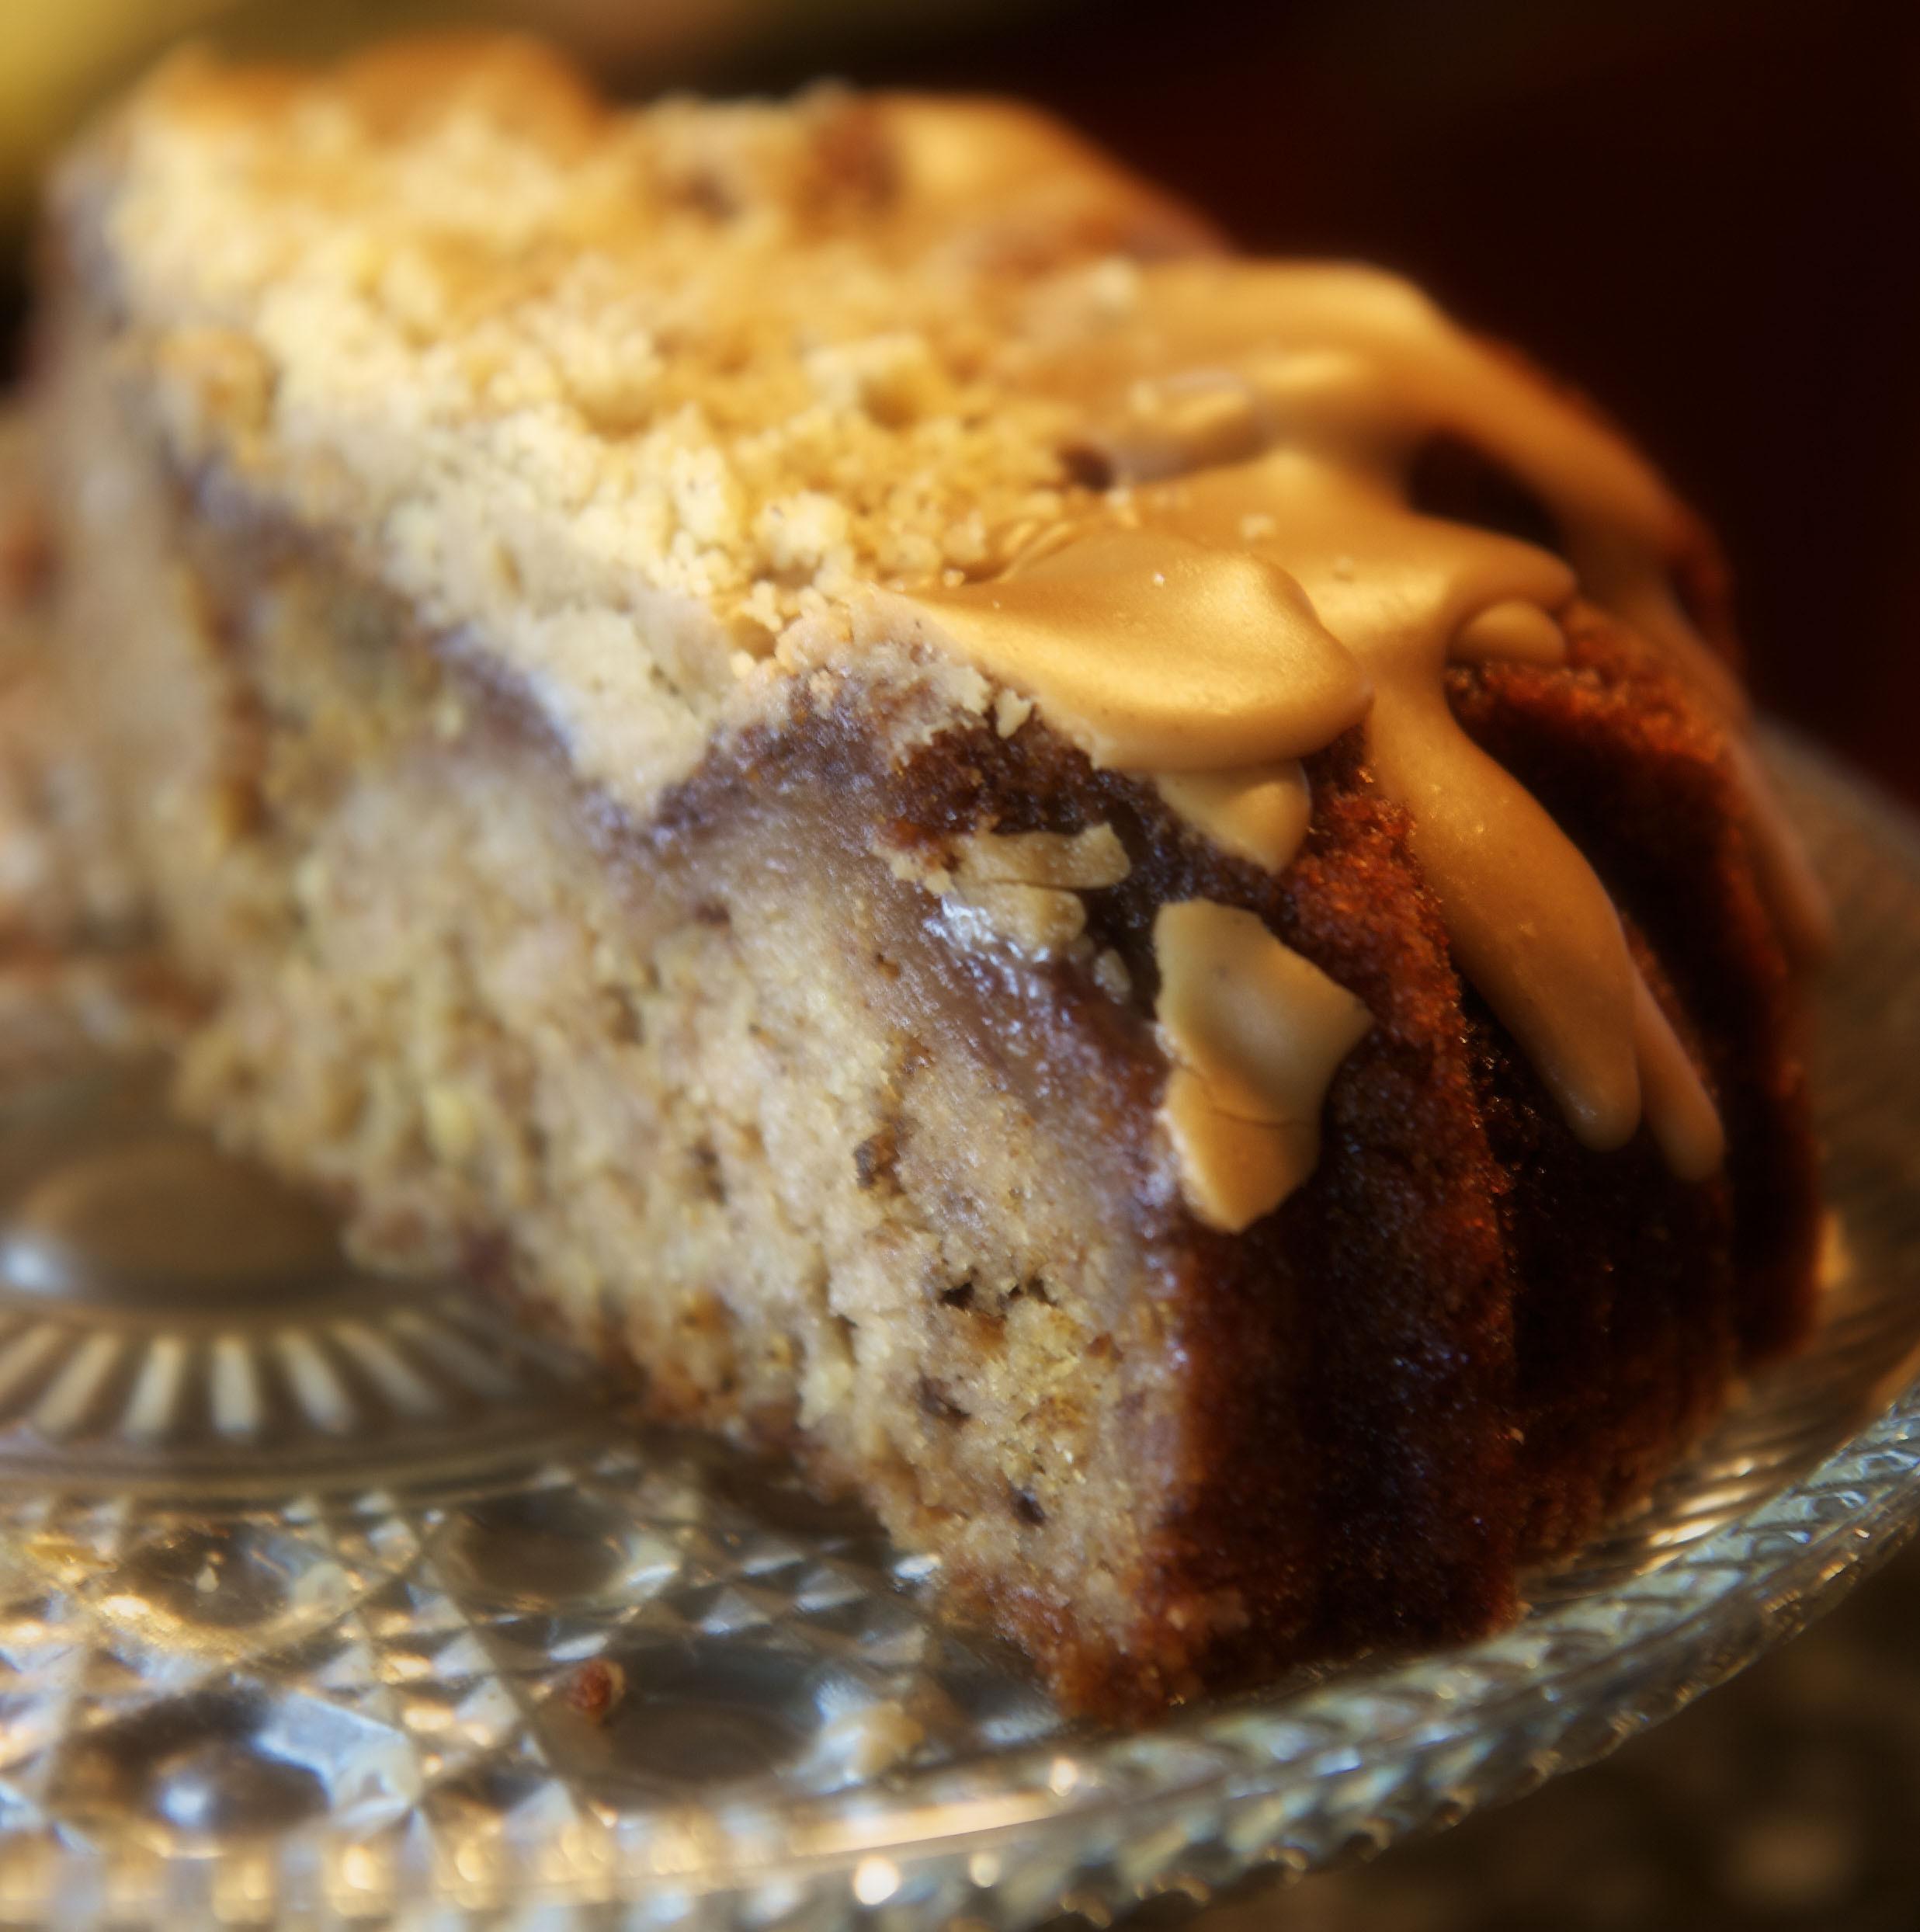 Cake Recipe From Scratch  Pear Cake from Scratch BigOven